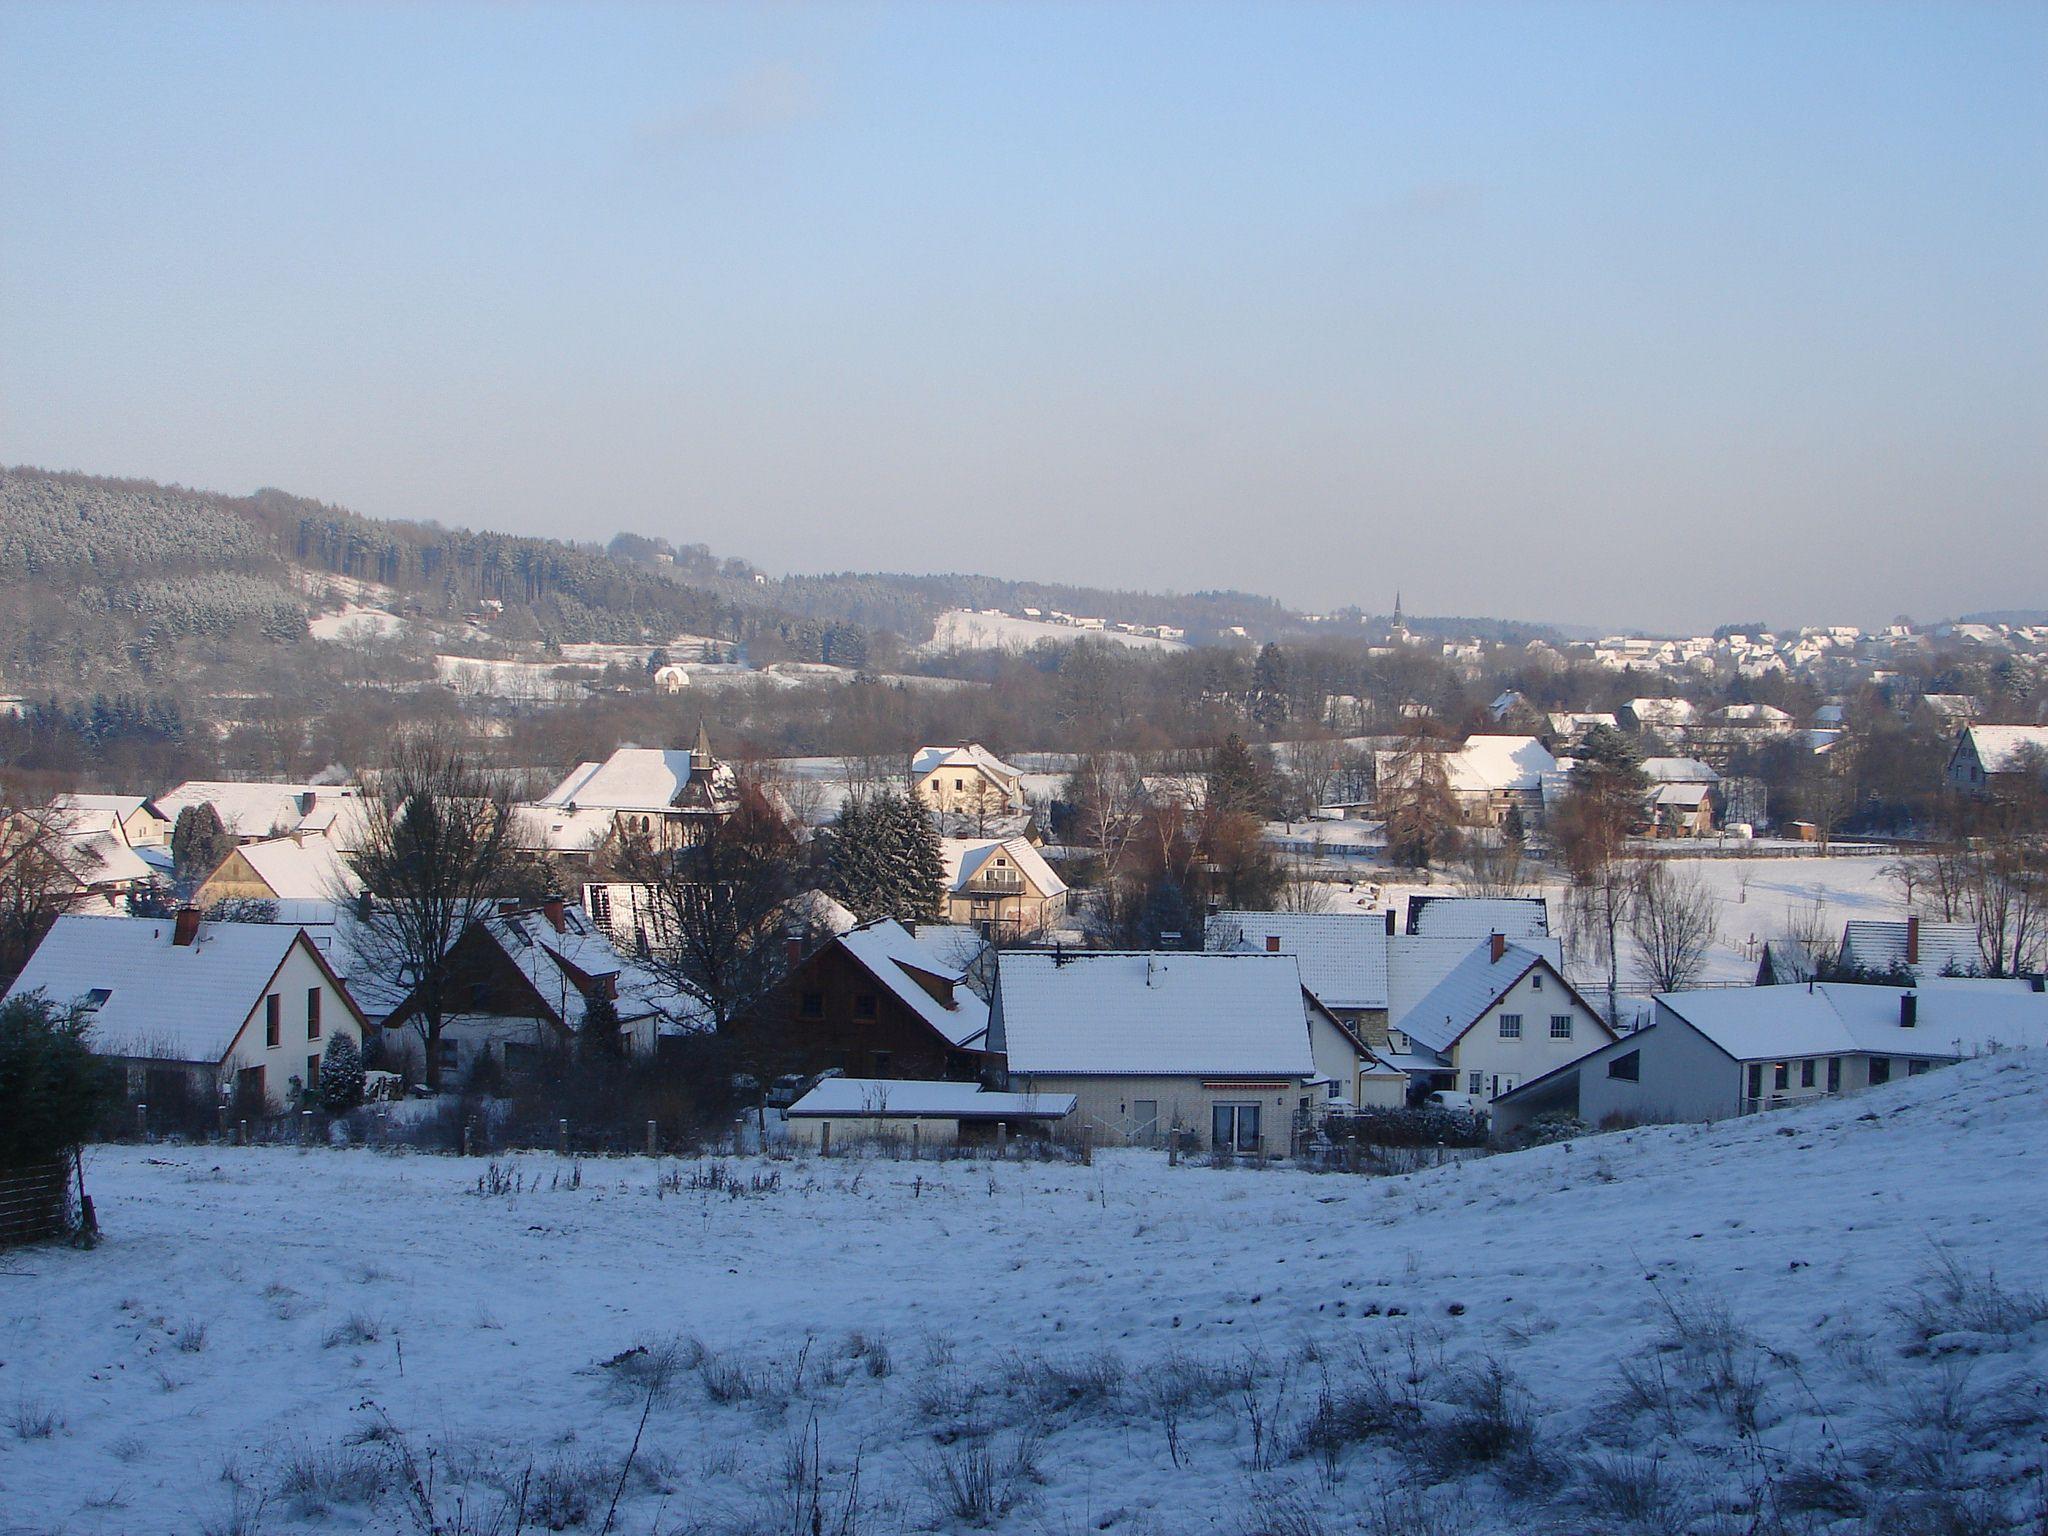 Blick auf das winterliche Niederbergheim von Westen